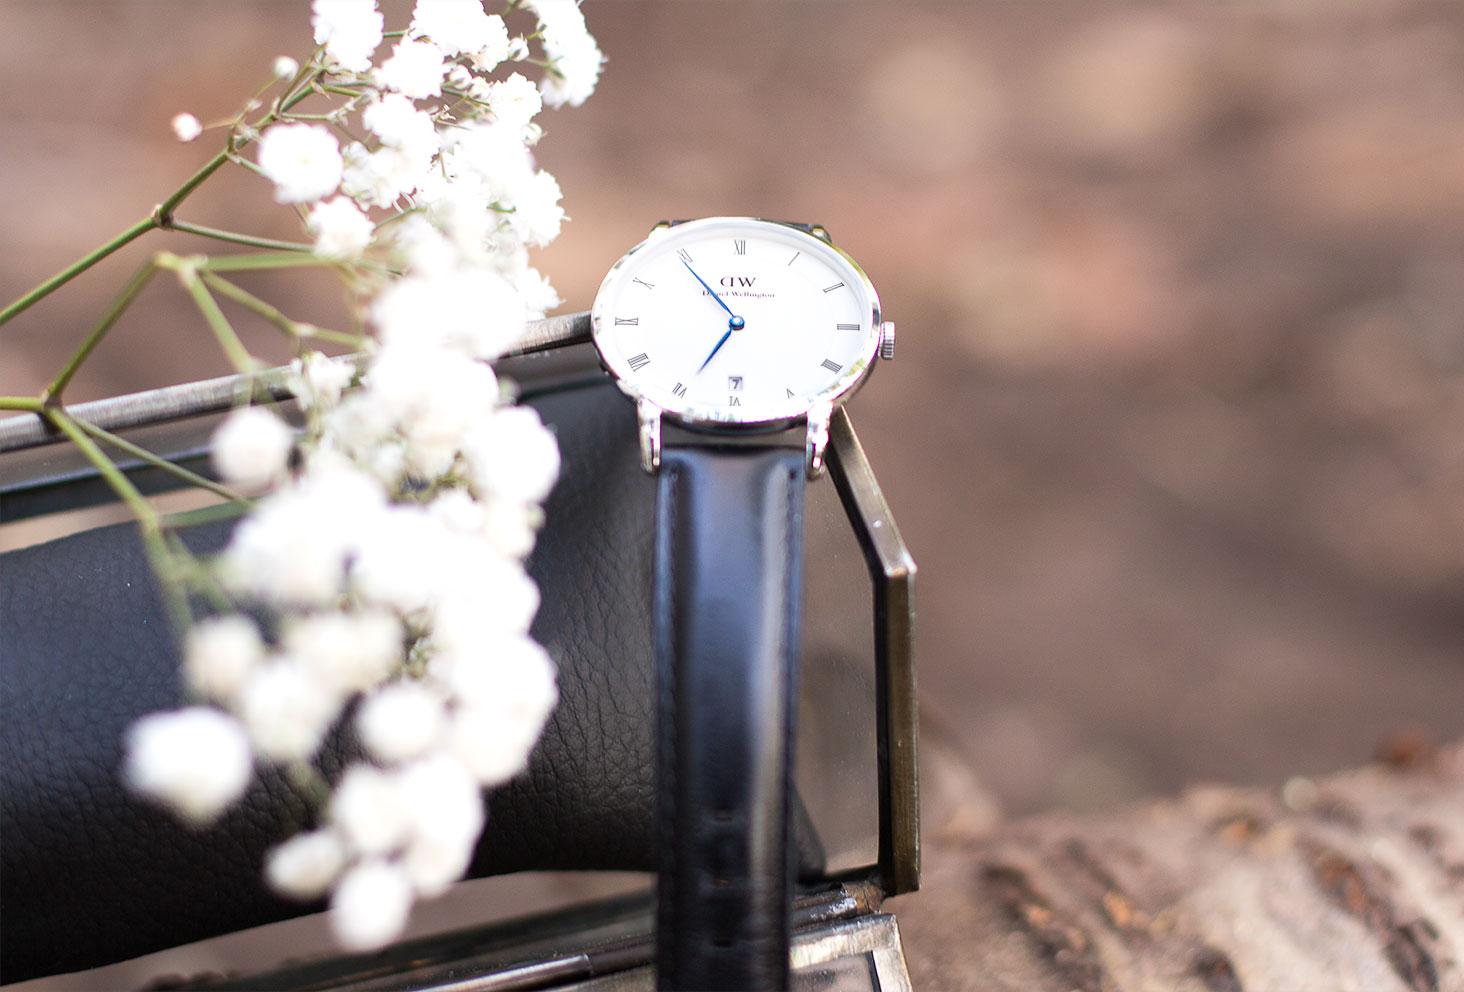 La montre Dapper Shefield de Daniel Wellington posée sur la boîte à rangement en verre au milieu des fleurs séchées blanches